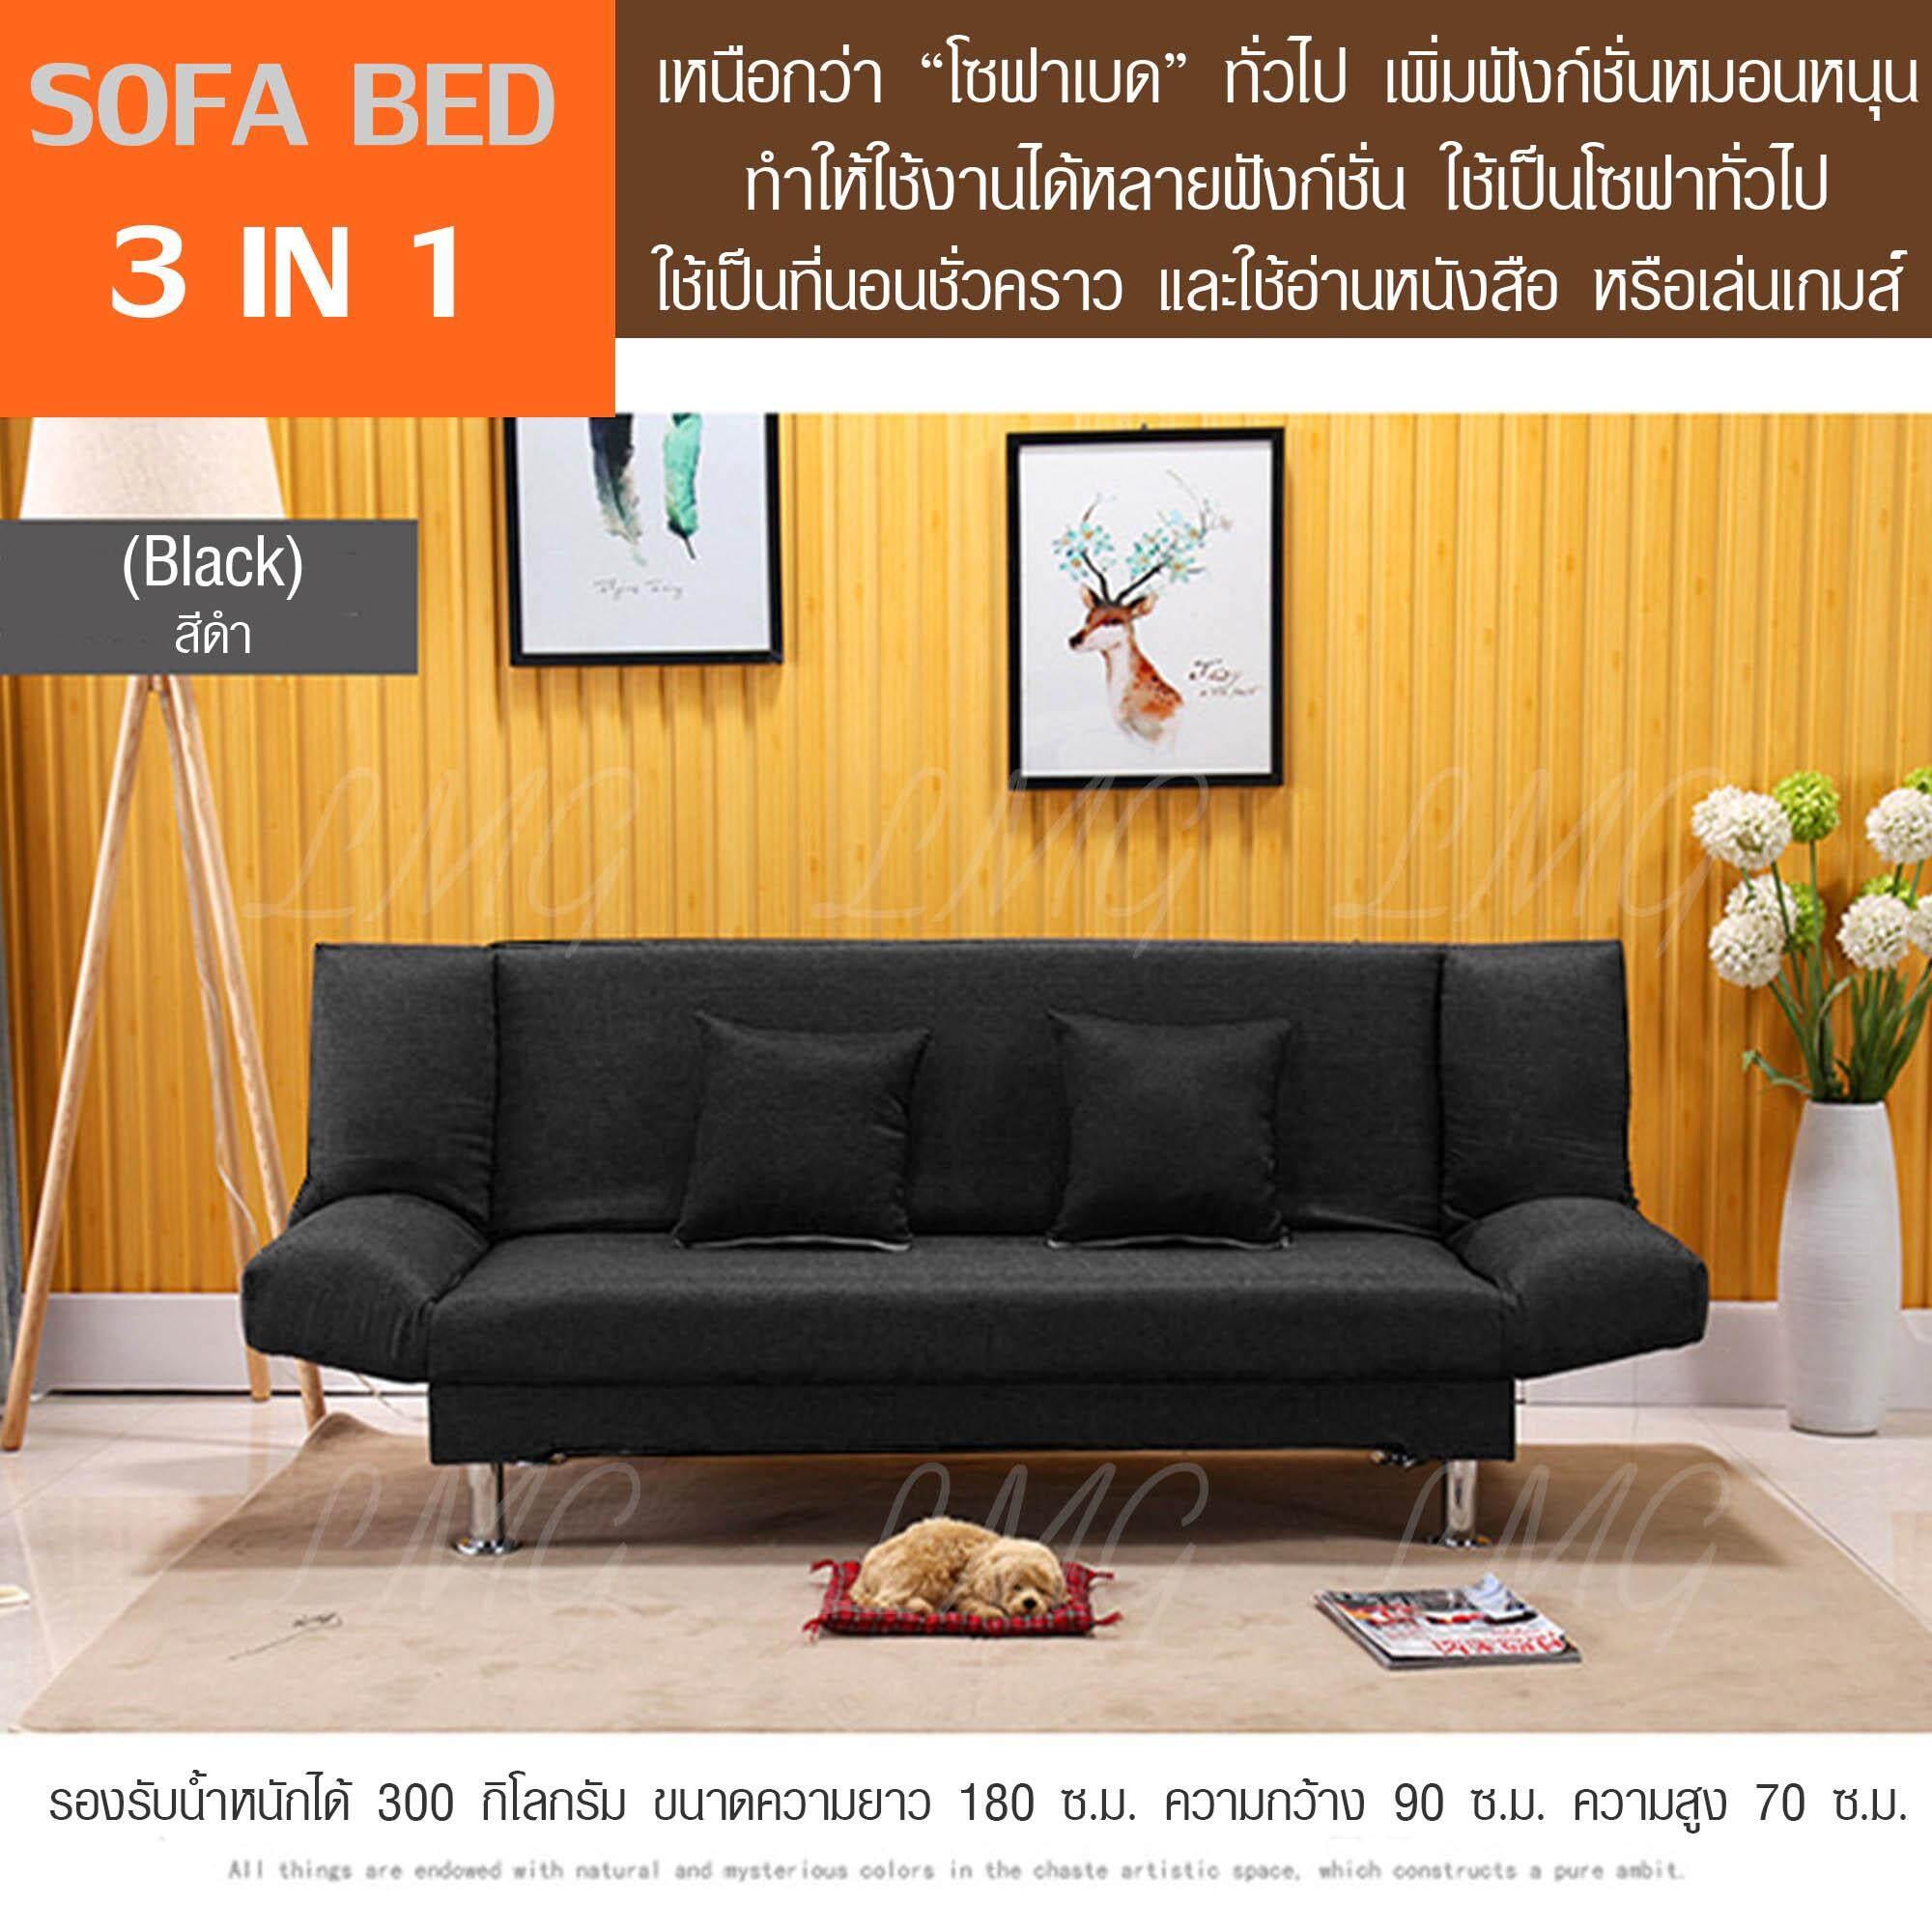 Lmg โซฟาปรับนอน 180 องศา โซฟา โซฟาเบด Sofa Bed รุ่น Sofa-1800(bed)ba สีดำ.